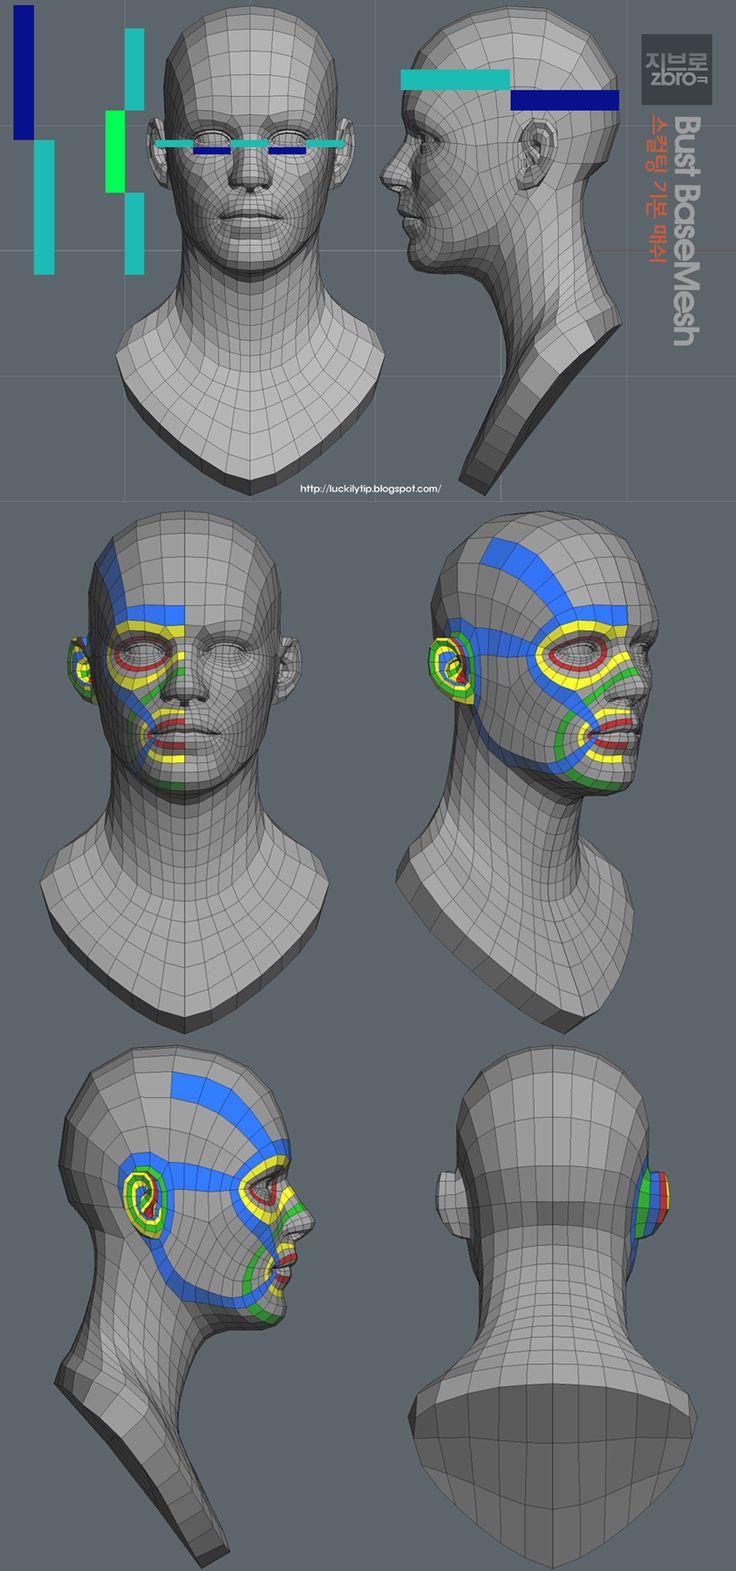 Голова - топология